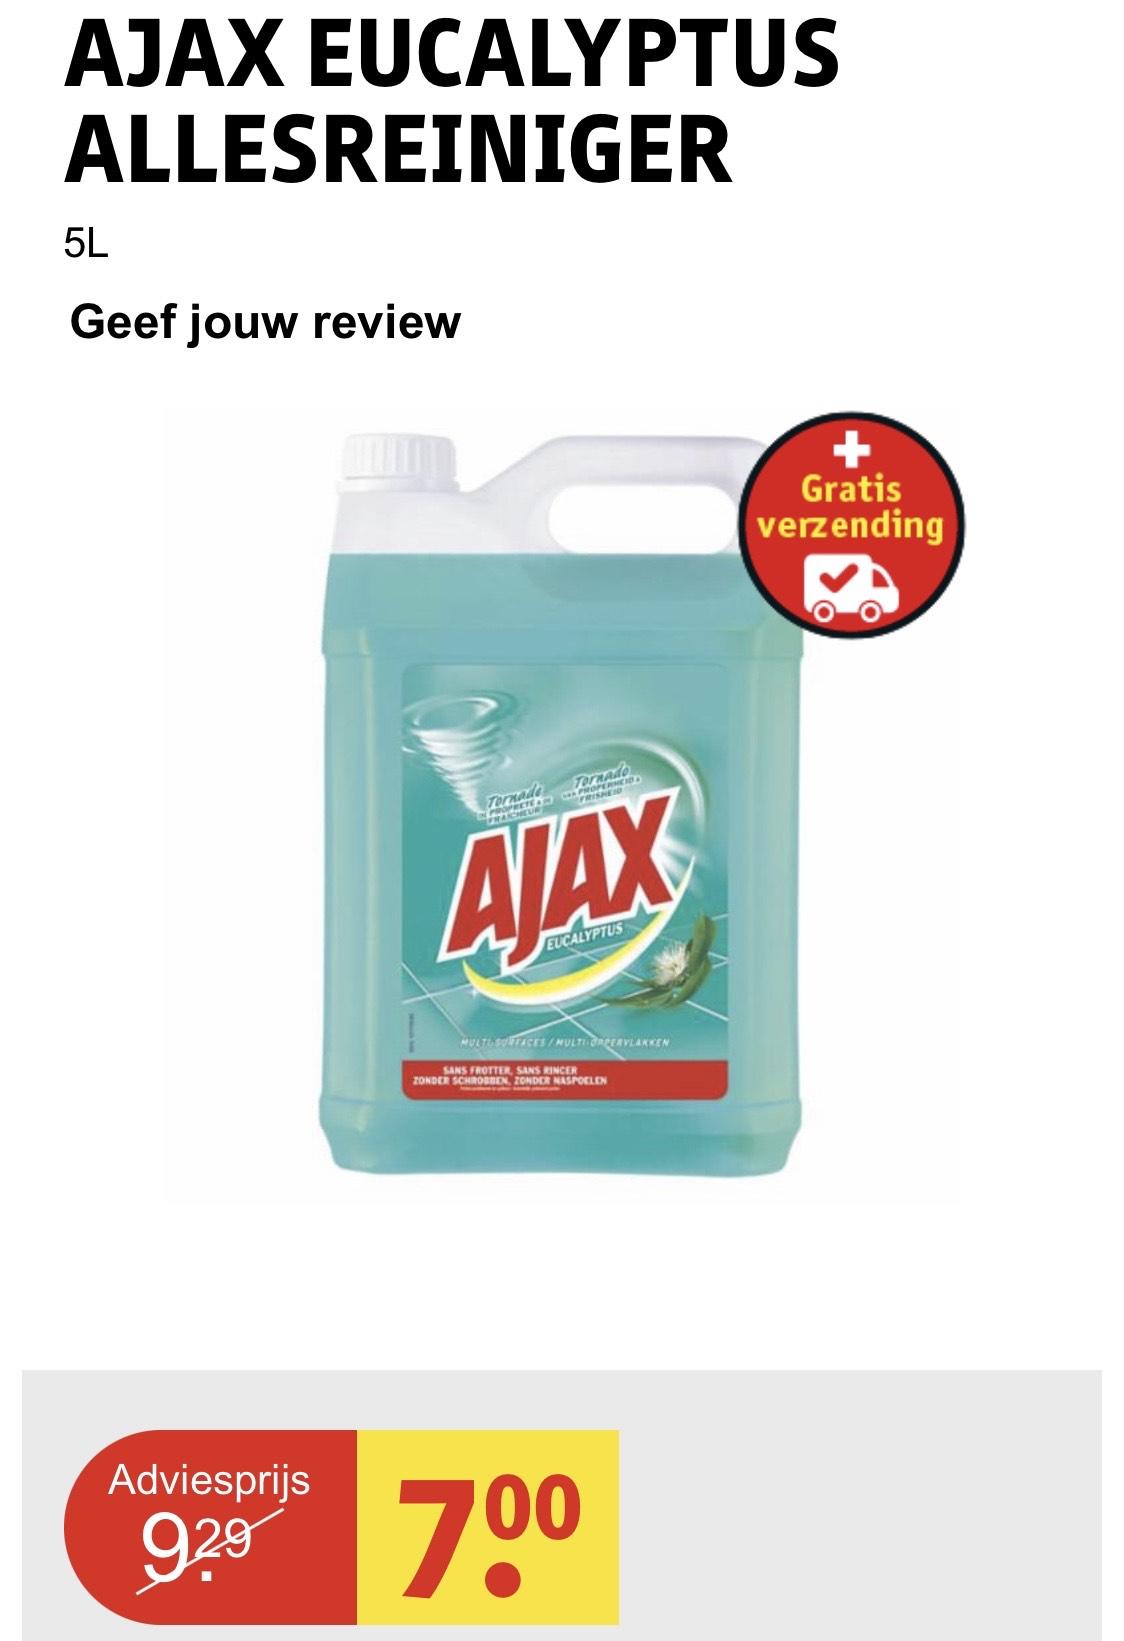 AJAX Eucalyptus allesreiniger 5 liter